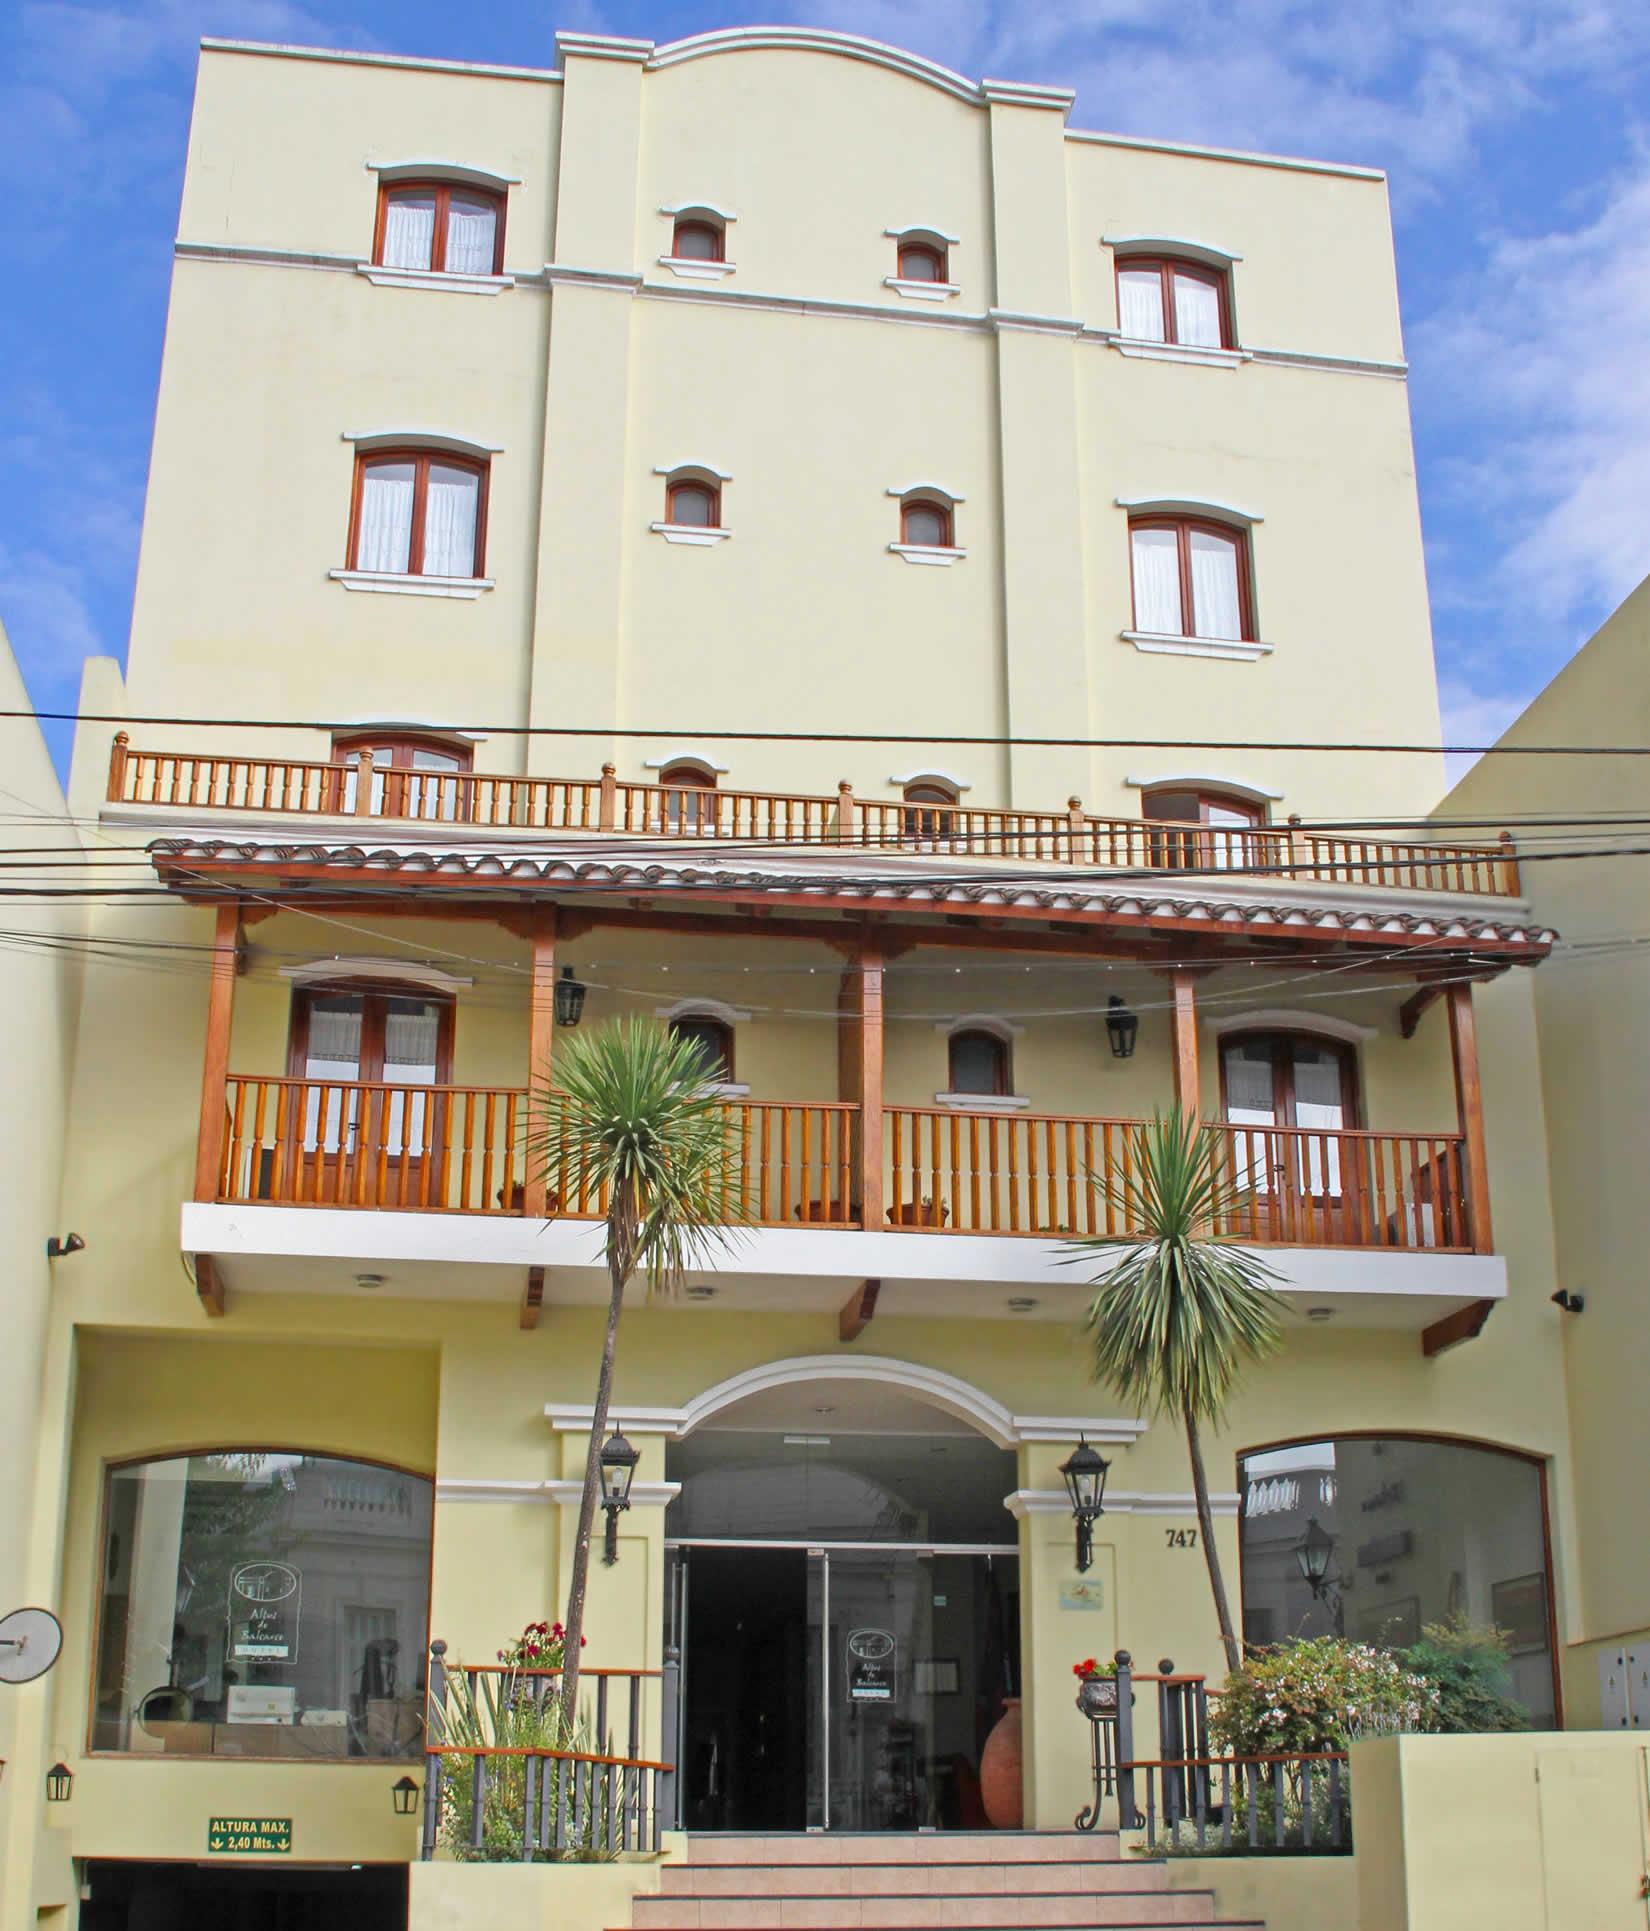 Hotel Altos de Balcarce - Salta